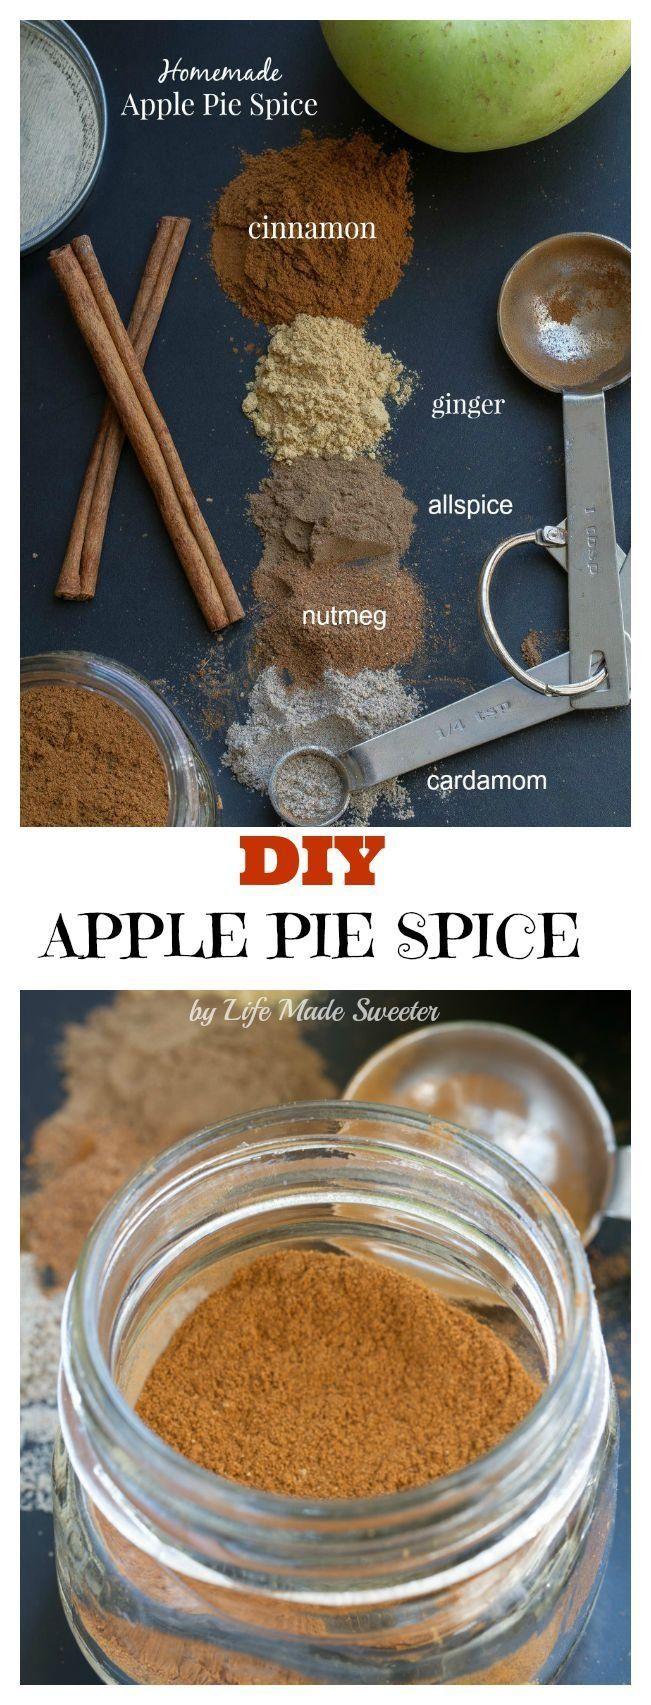 Homemade Apple Pie Spice Mix #spicekitchen